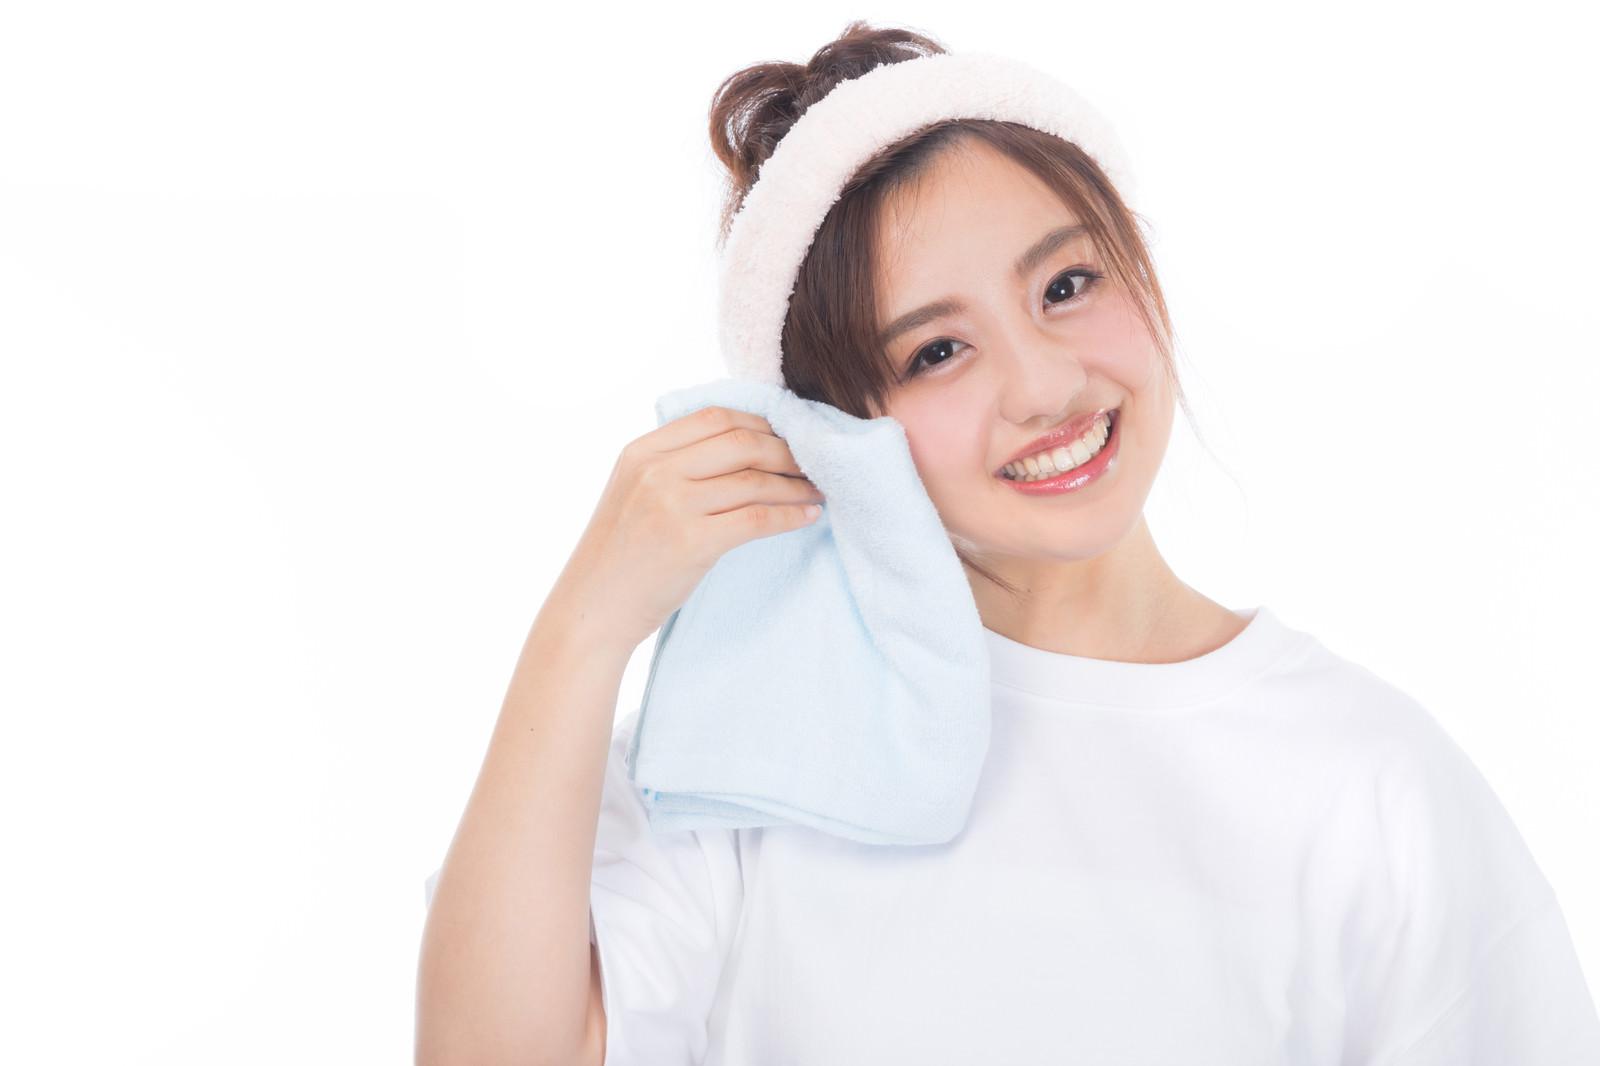 「柔らかいタオルを頬にあてる女性」の写真